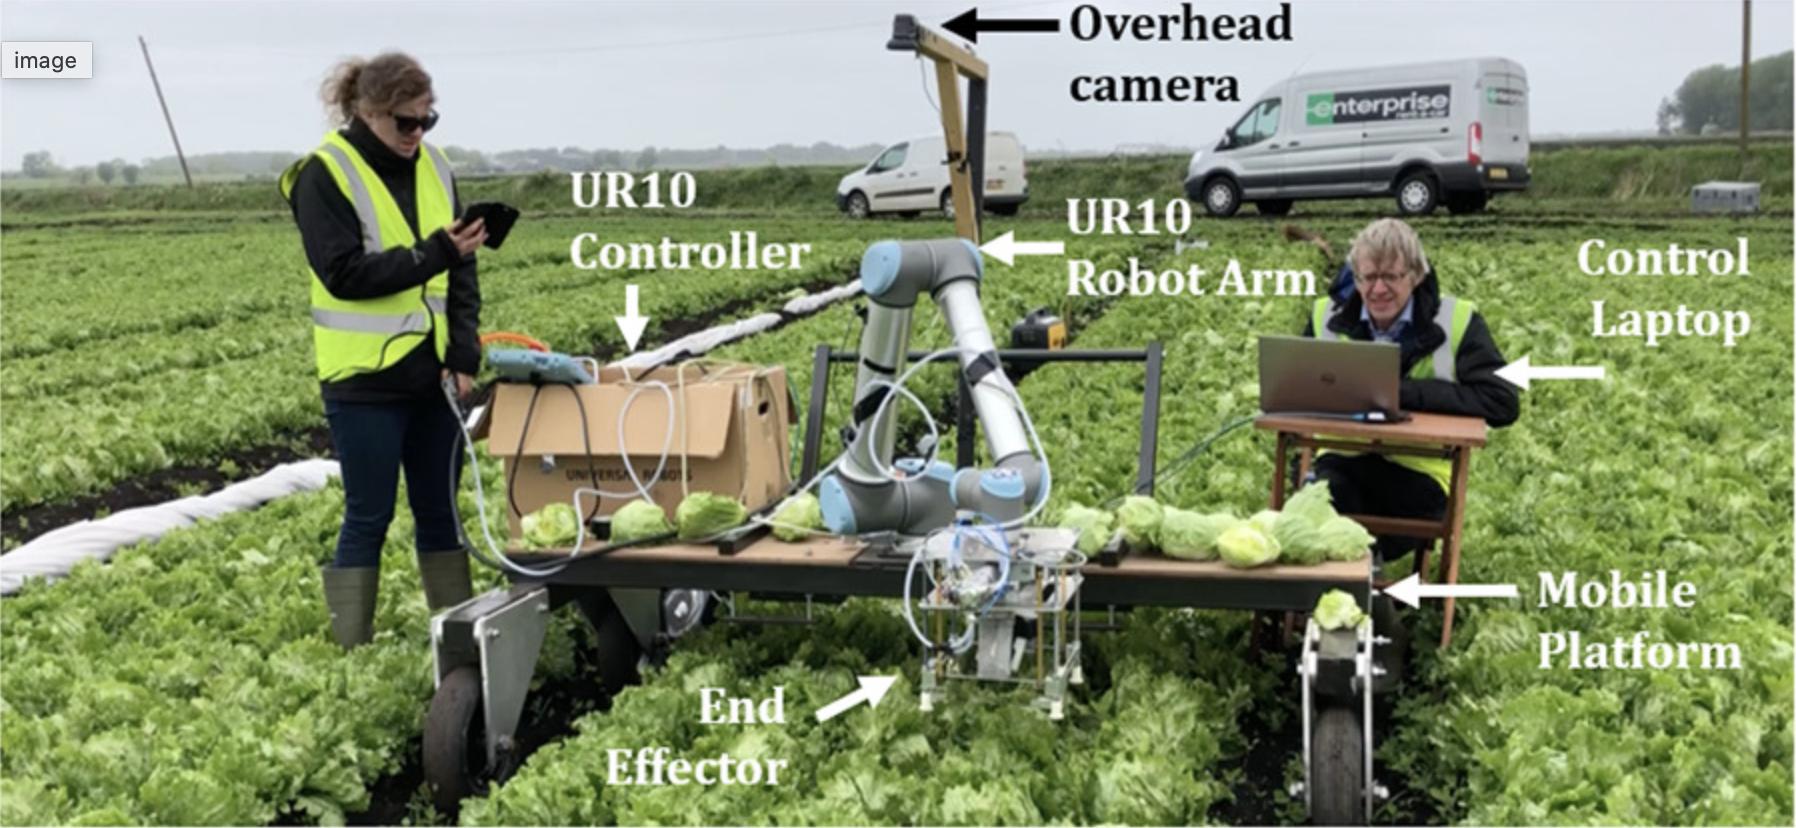 収穫の適期を自動で判断し、97%のレタスを自動収穫するシステムの開発に成功